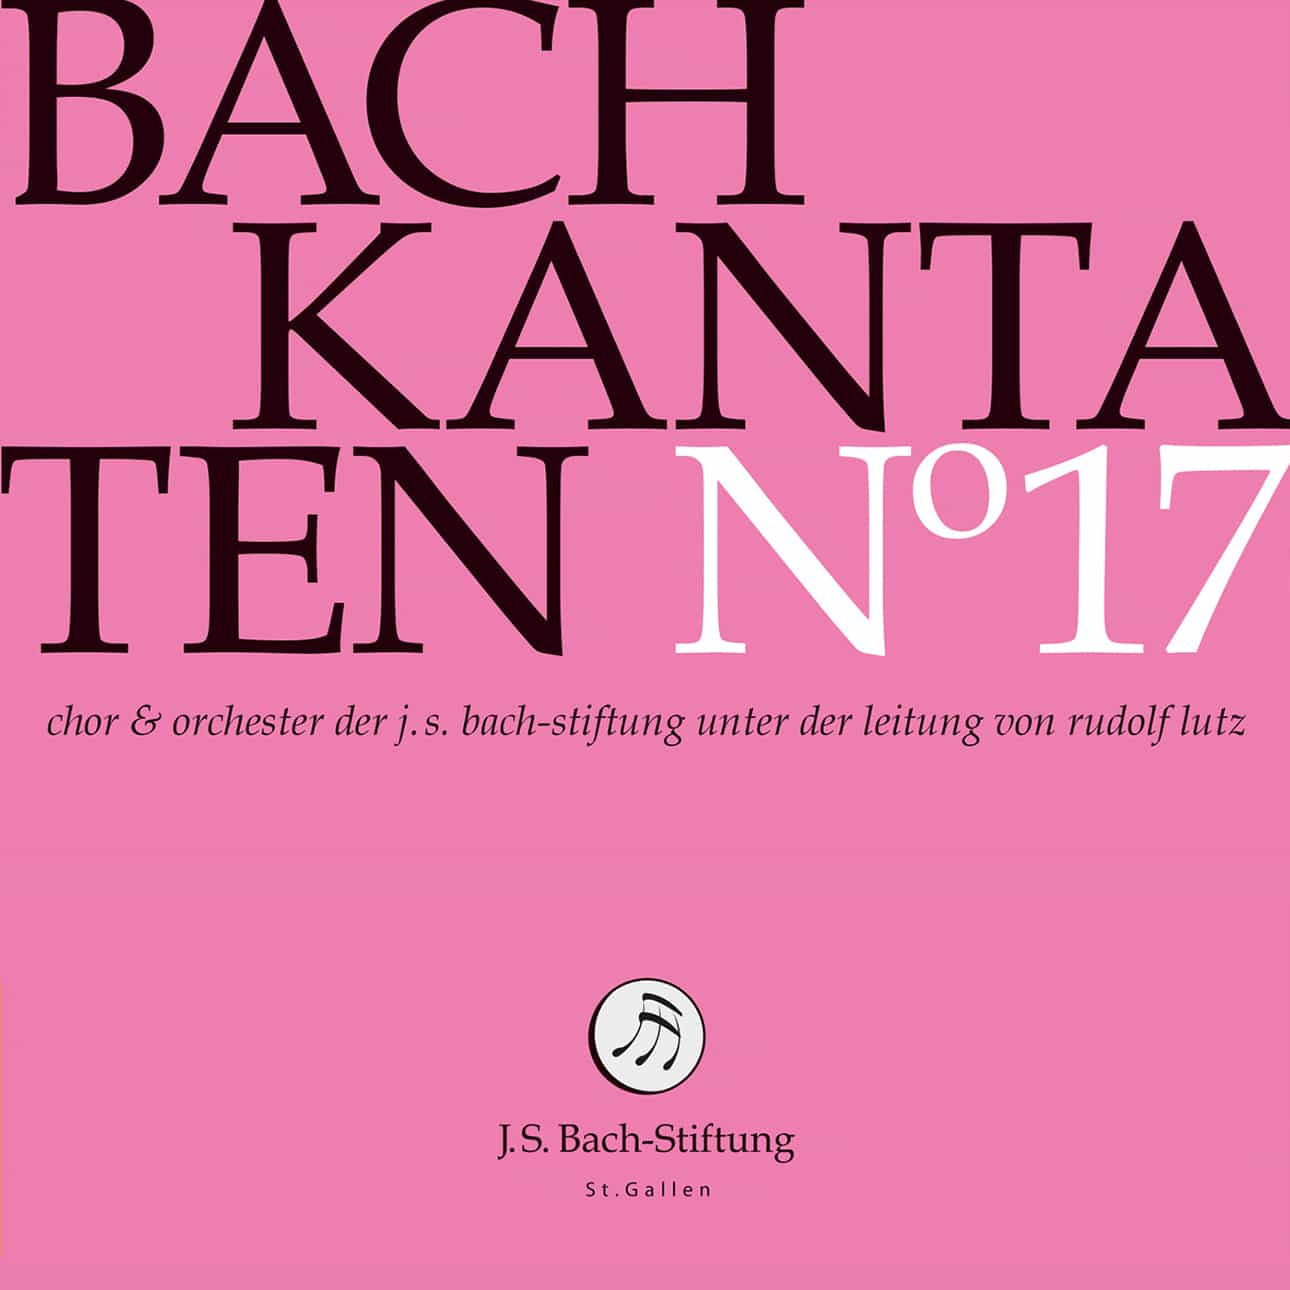 Herausgabe der CD N°17